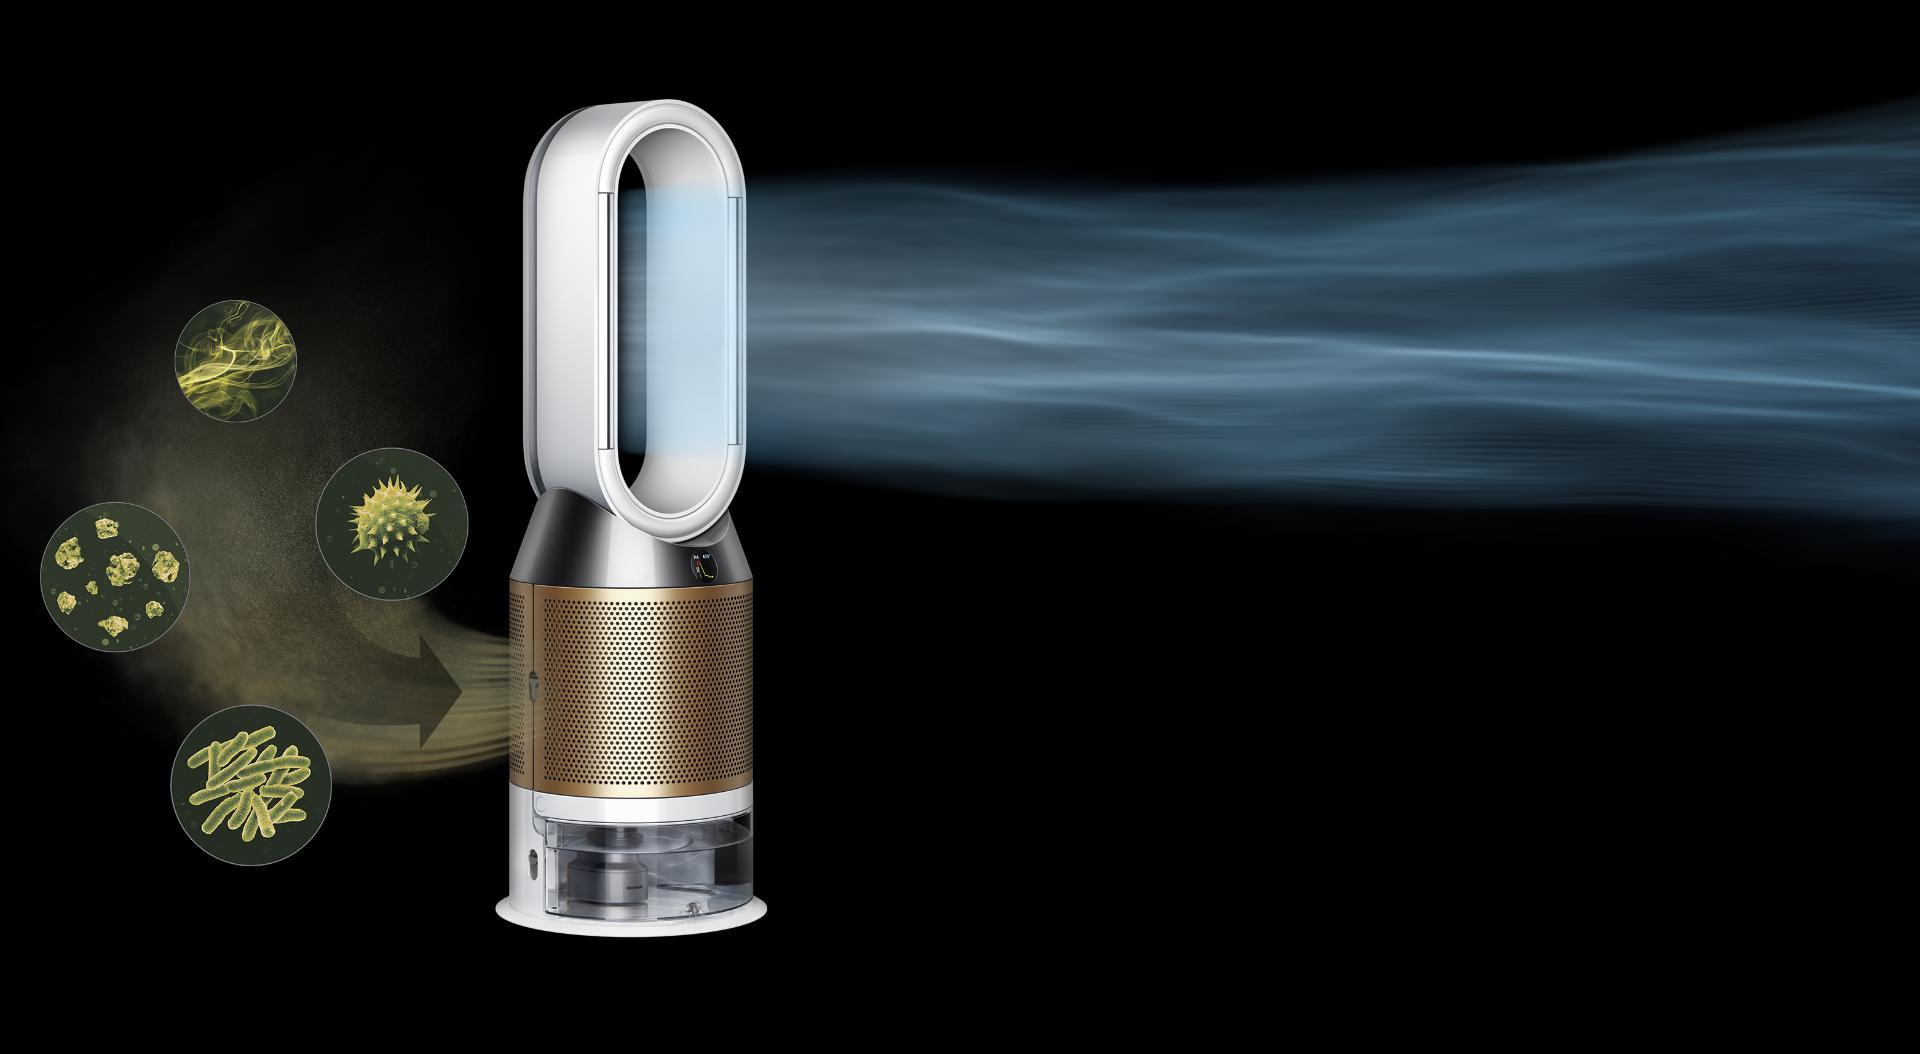 실험실 환경에서 오염 물질을 정화하기 직전의 다이슨 공기청정기